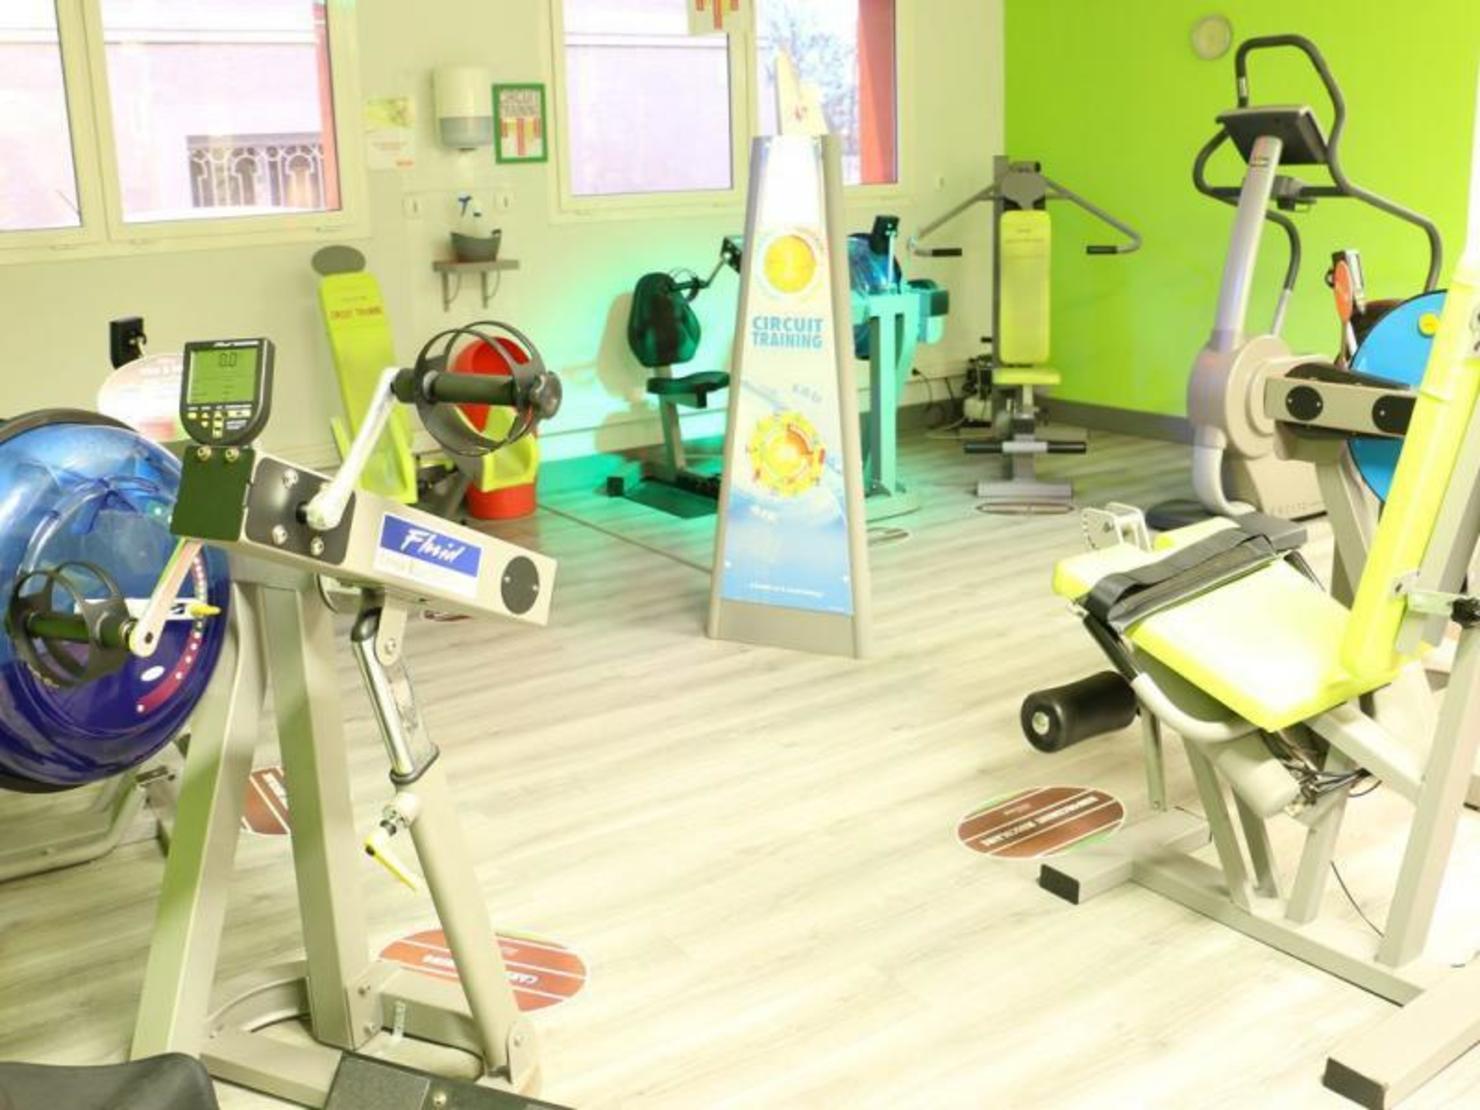 Keep cool montpellier maurin tarifs avis horaires - Salle de sport port marianne montpellier ...